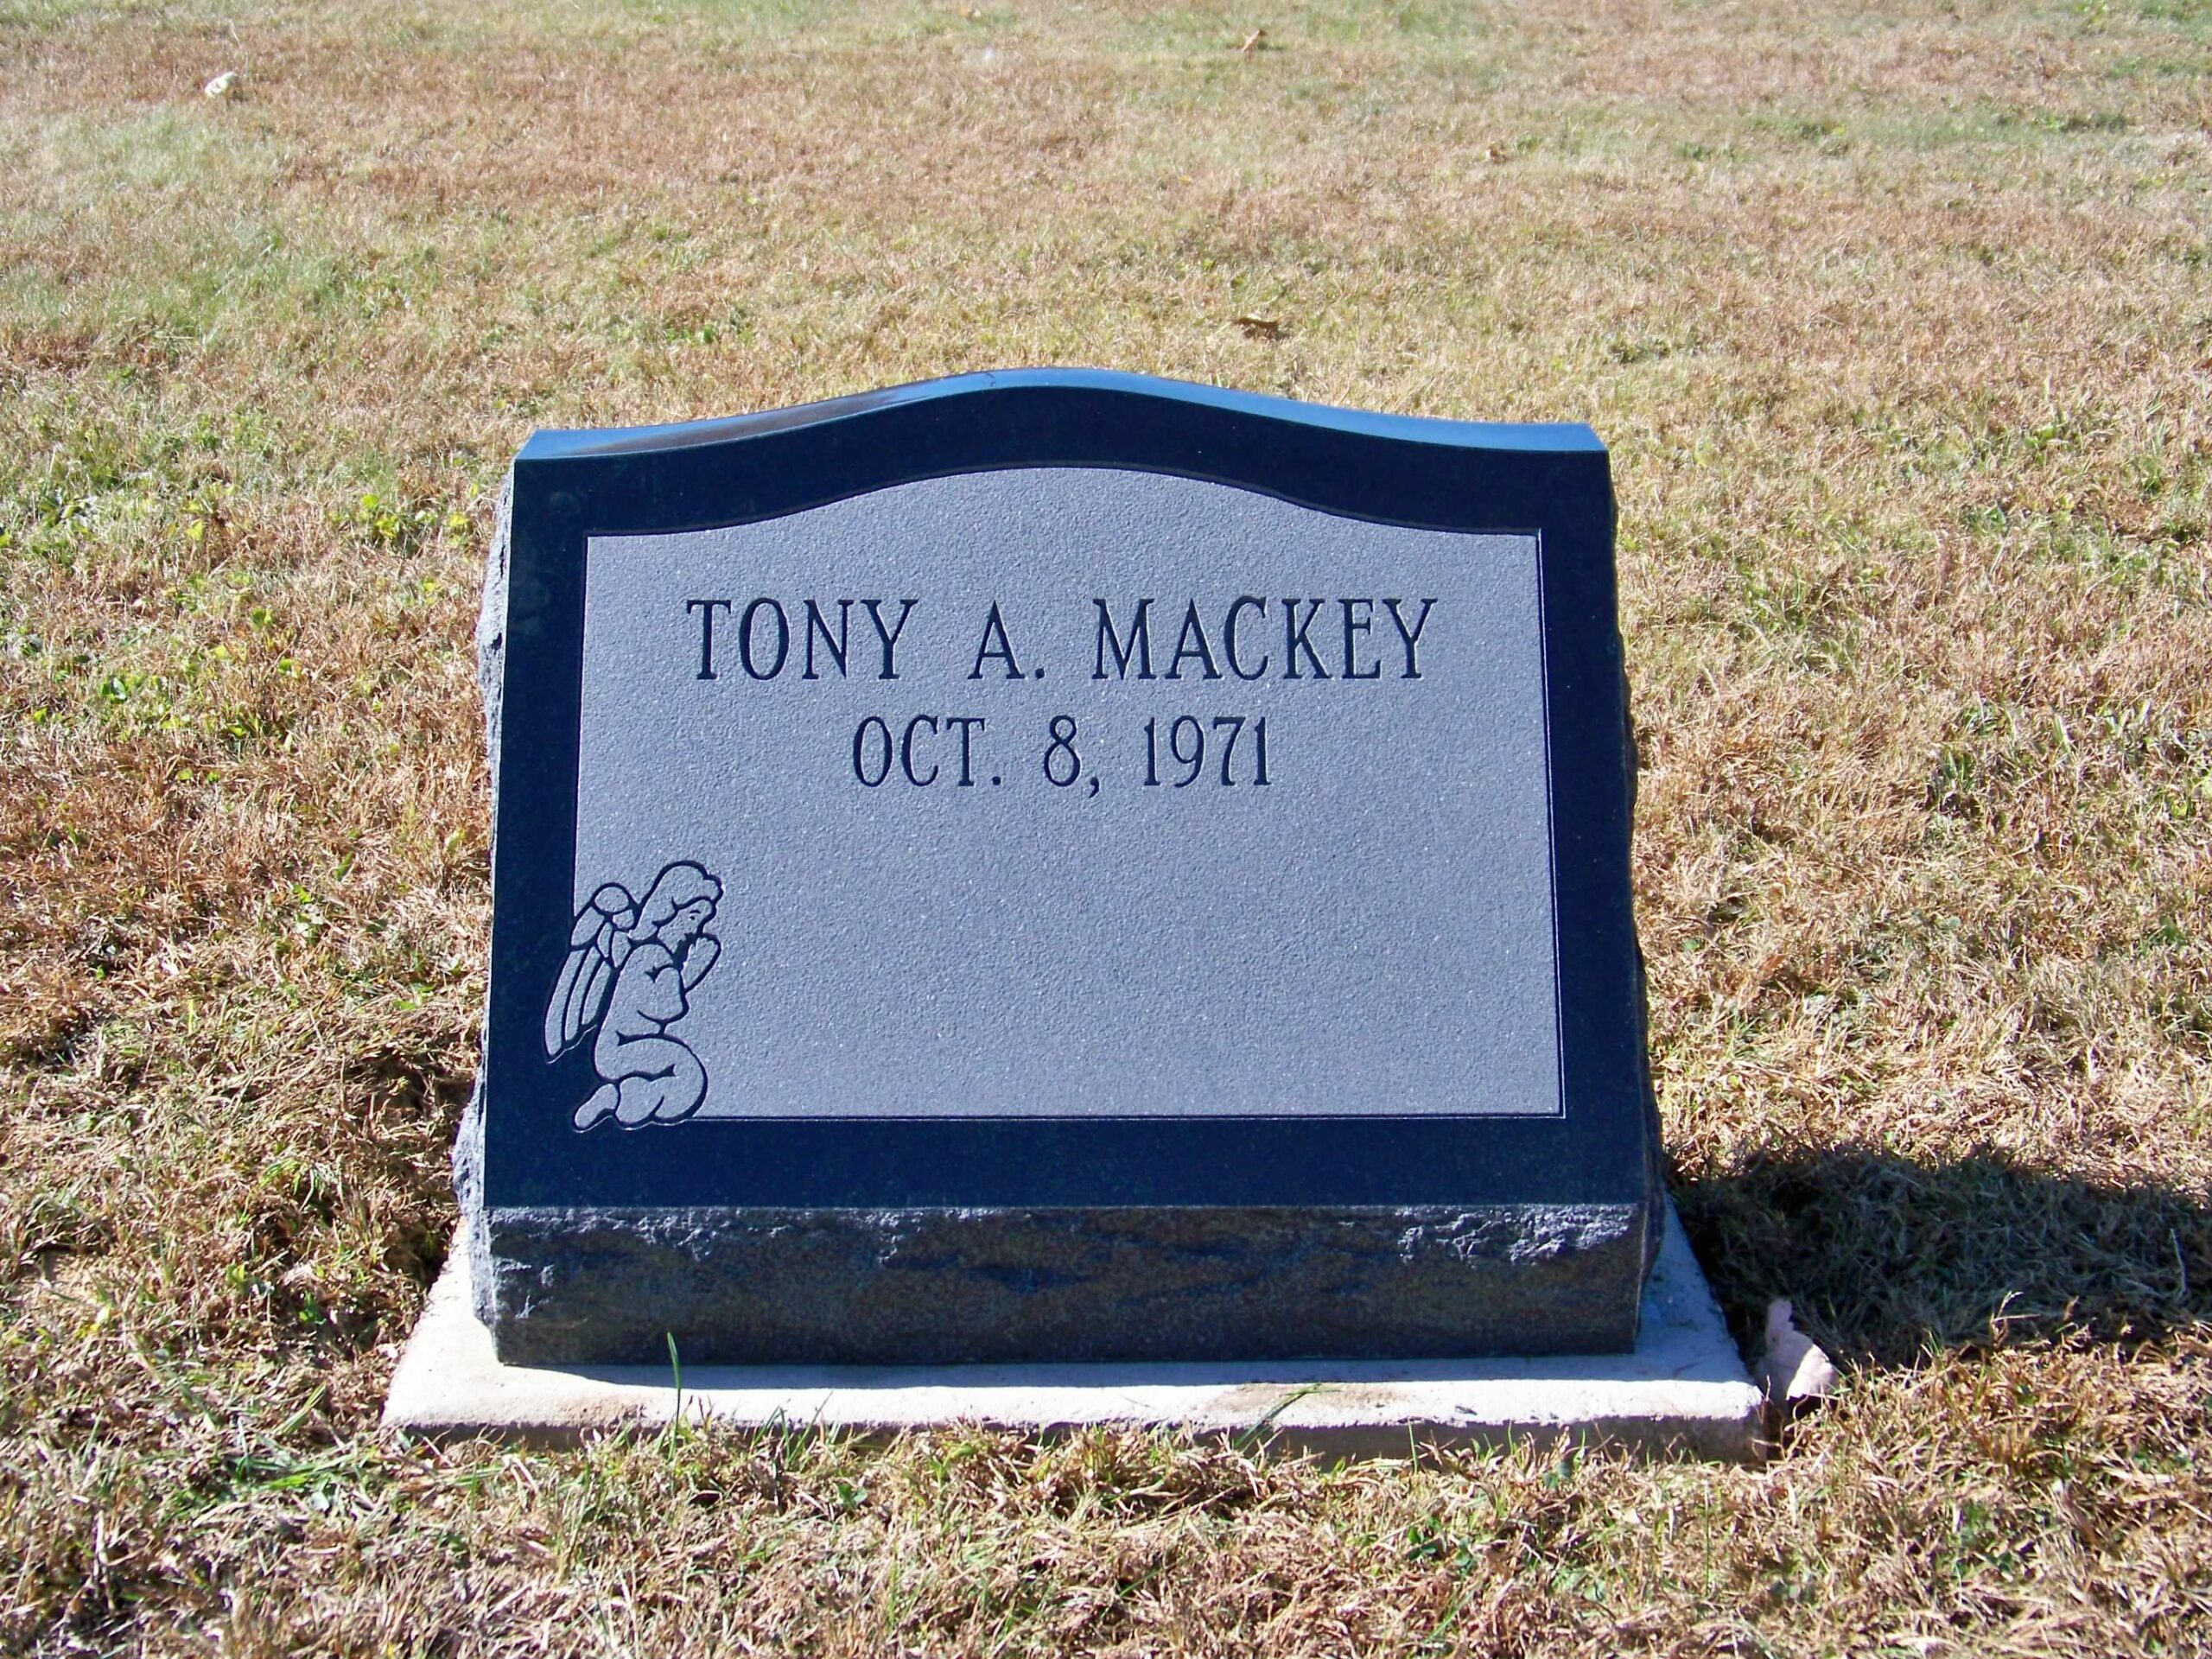 Mackey, Tony A.